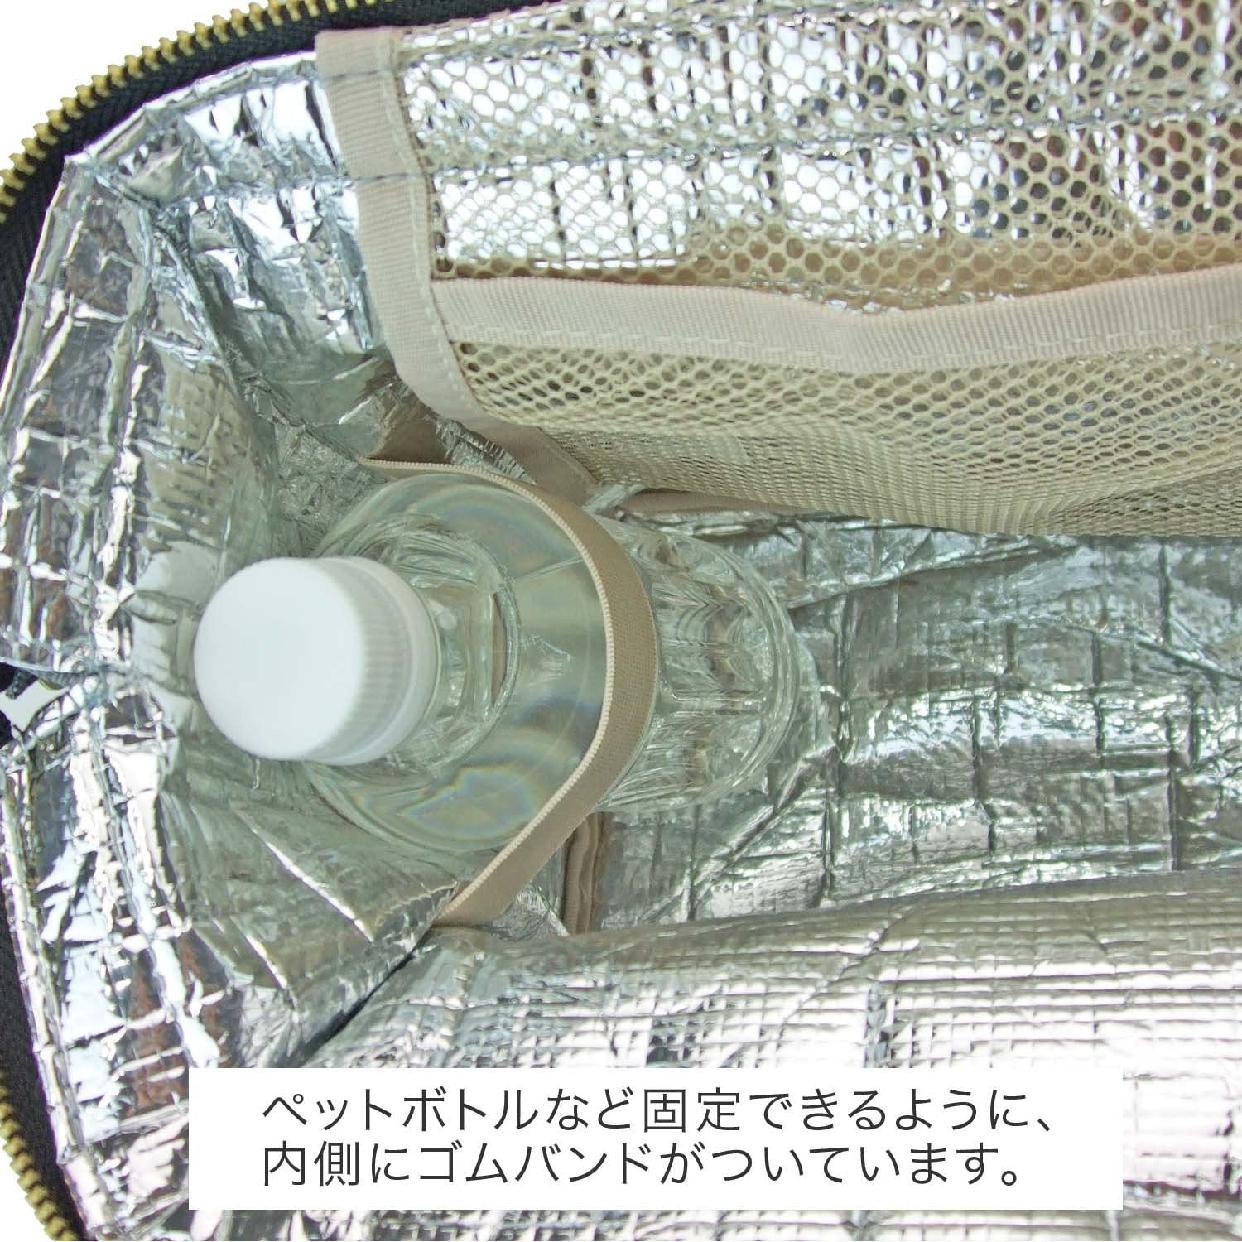 At First(アットファースト)カラーズ ランチワイヤーバッグ Lサイズ レッド AF5997の商品画像5